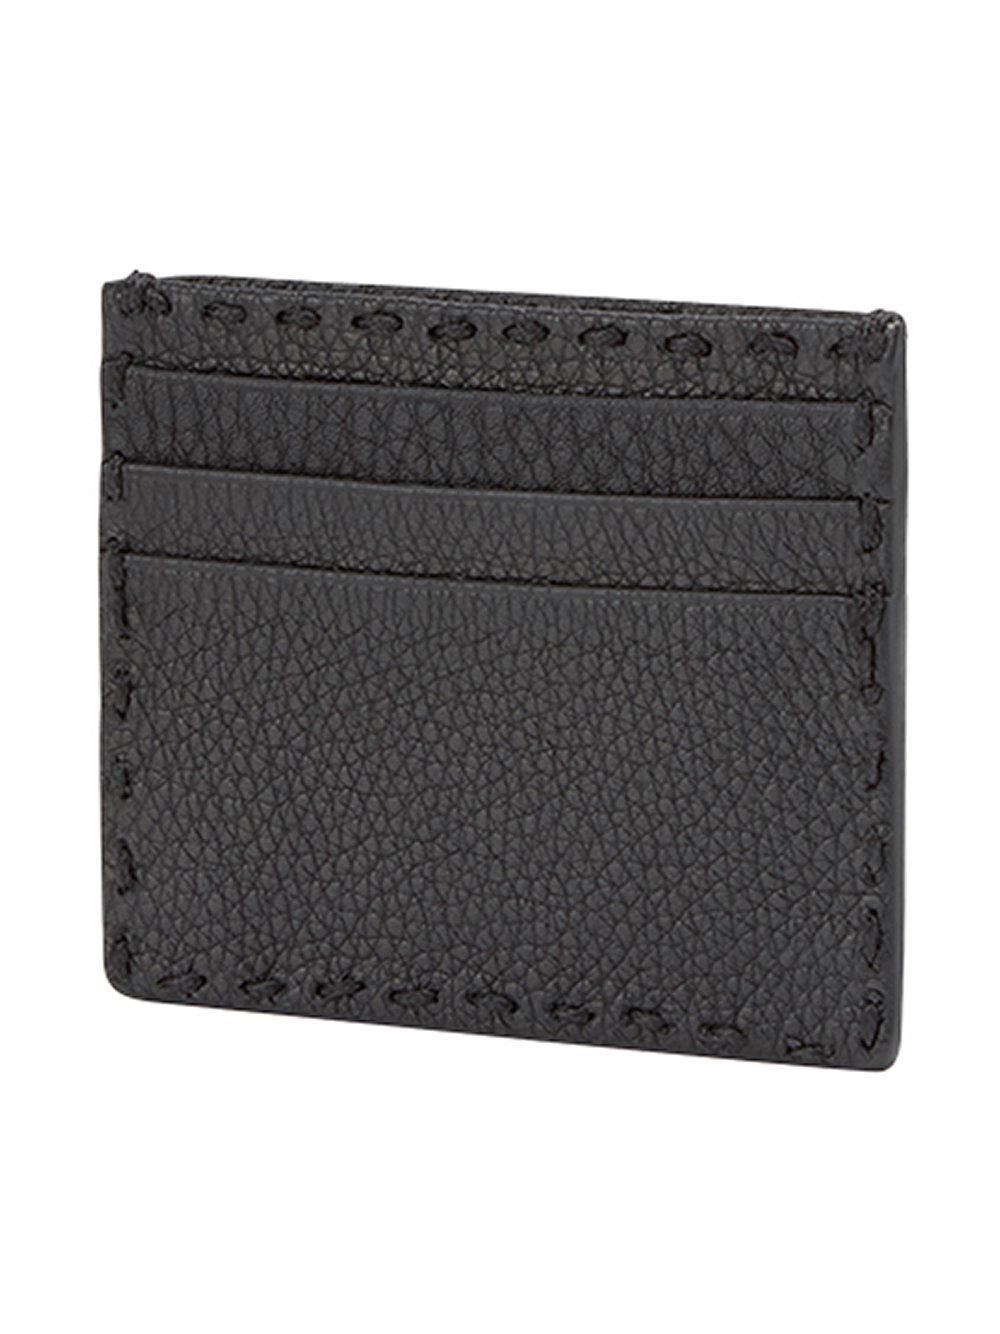 Lyst - Porte-cartes Selleria Fendi pour homme en coloris Noir bb19024b2bb